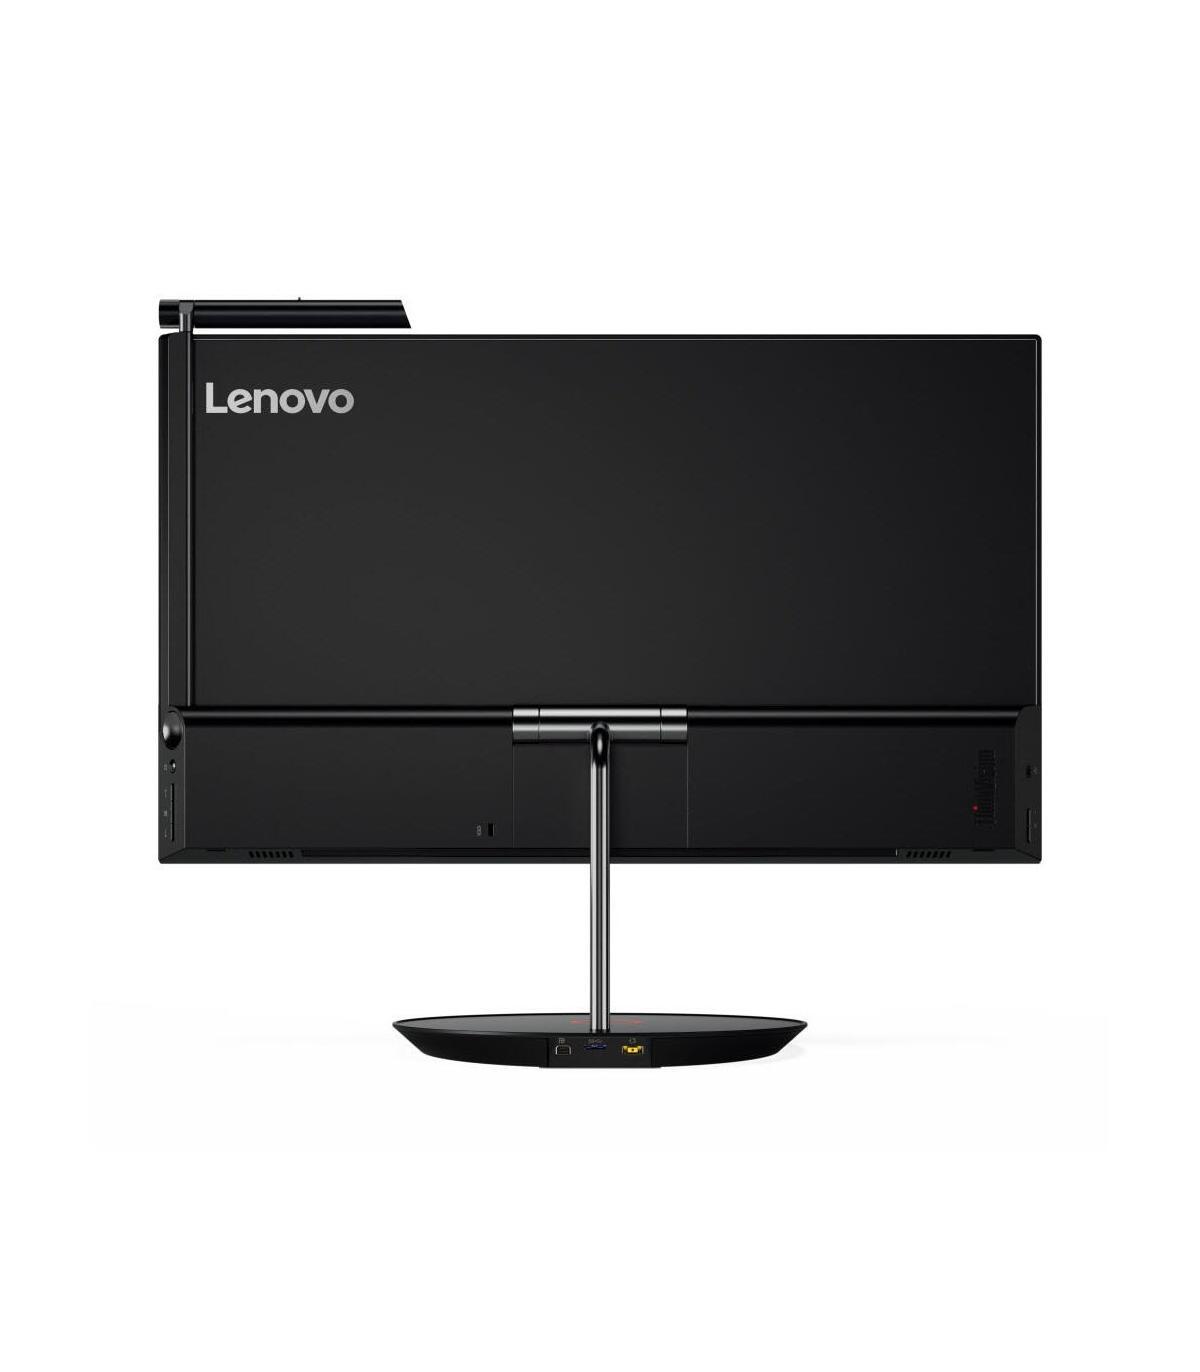 MONITOR LENOVO 23.8\\1 THINKVISION X24 PRO.1920 X 1080 FULL HD (1080P).AH-IPS.250 CD/M².1000:1.7 MS.MINI DISPLAYPORT. USB-C.ALTAV